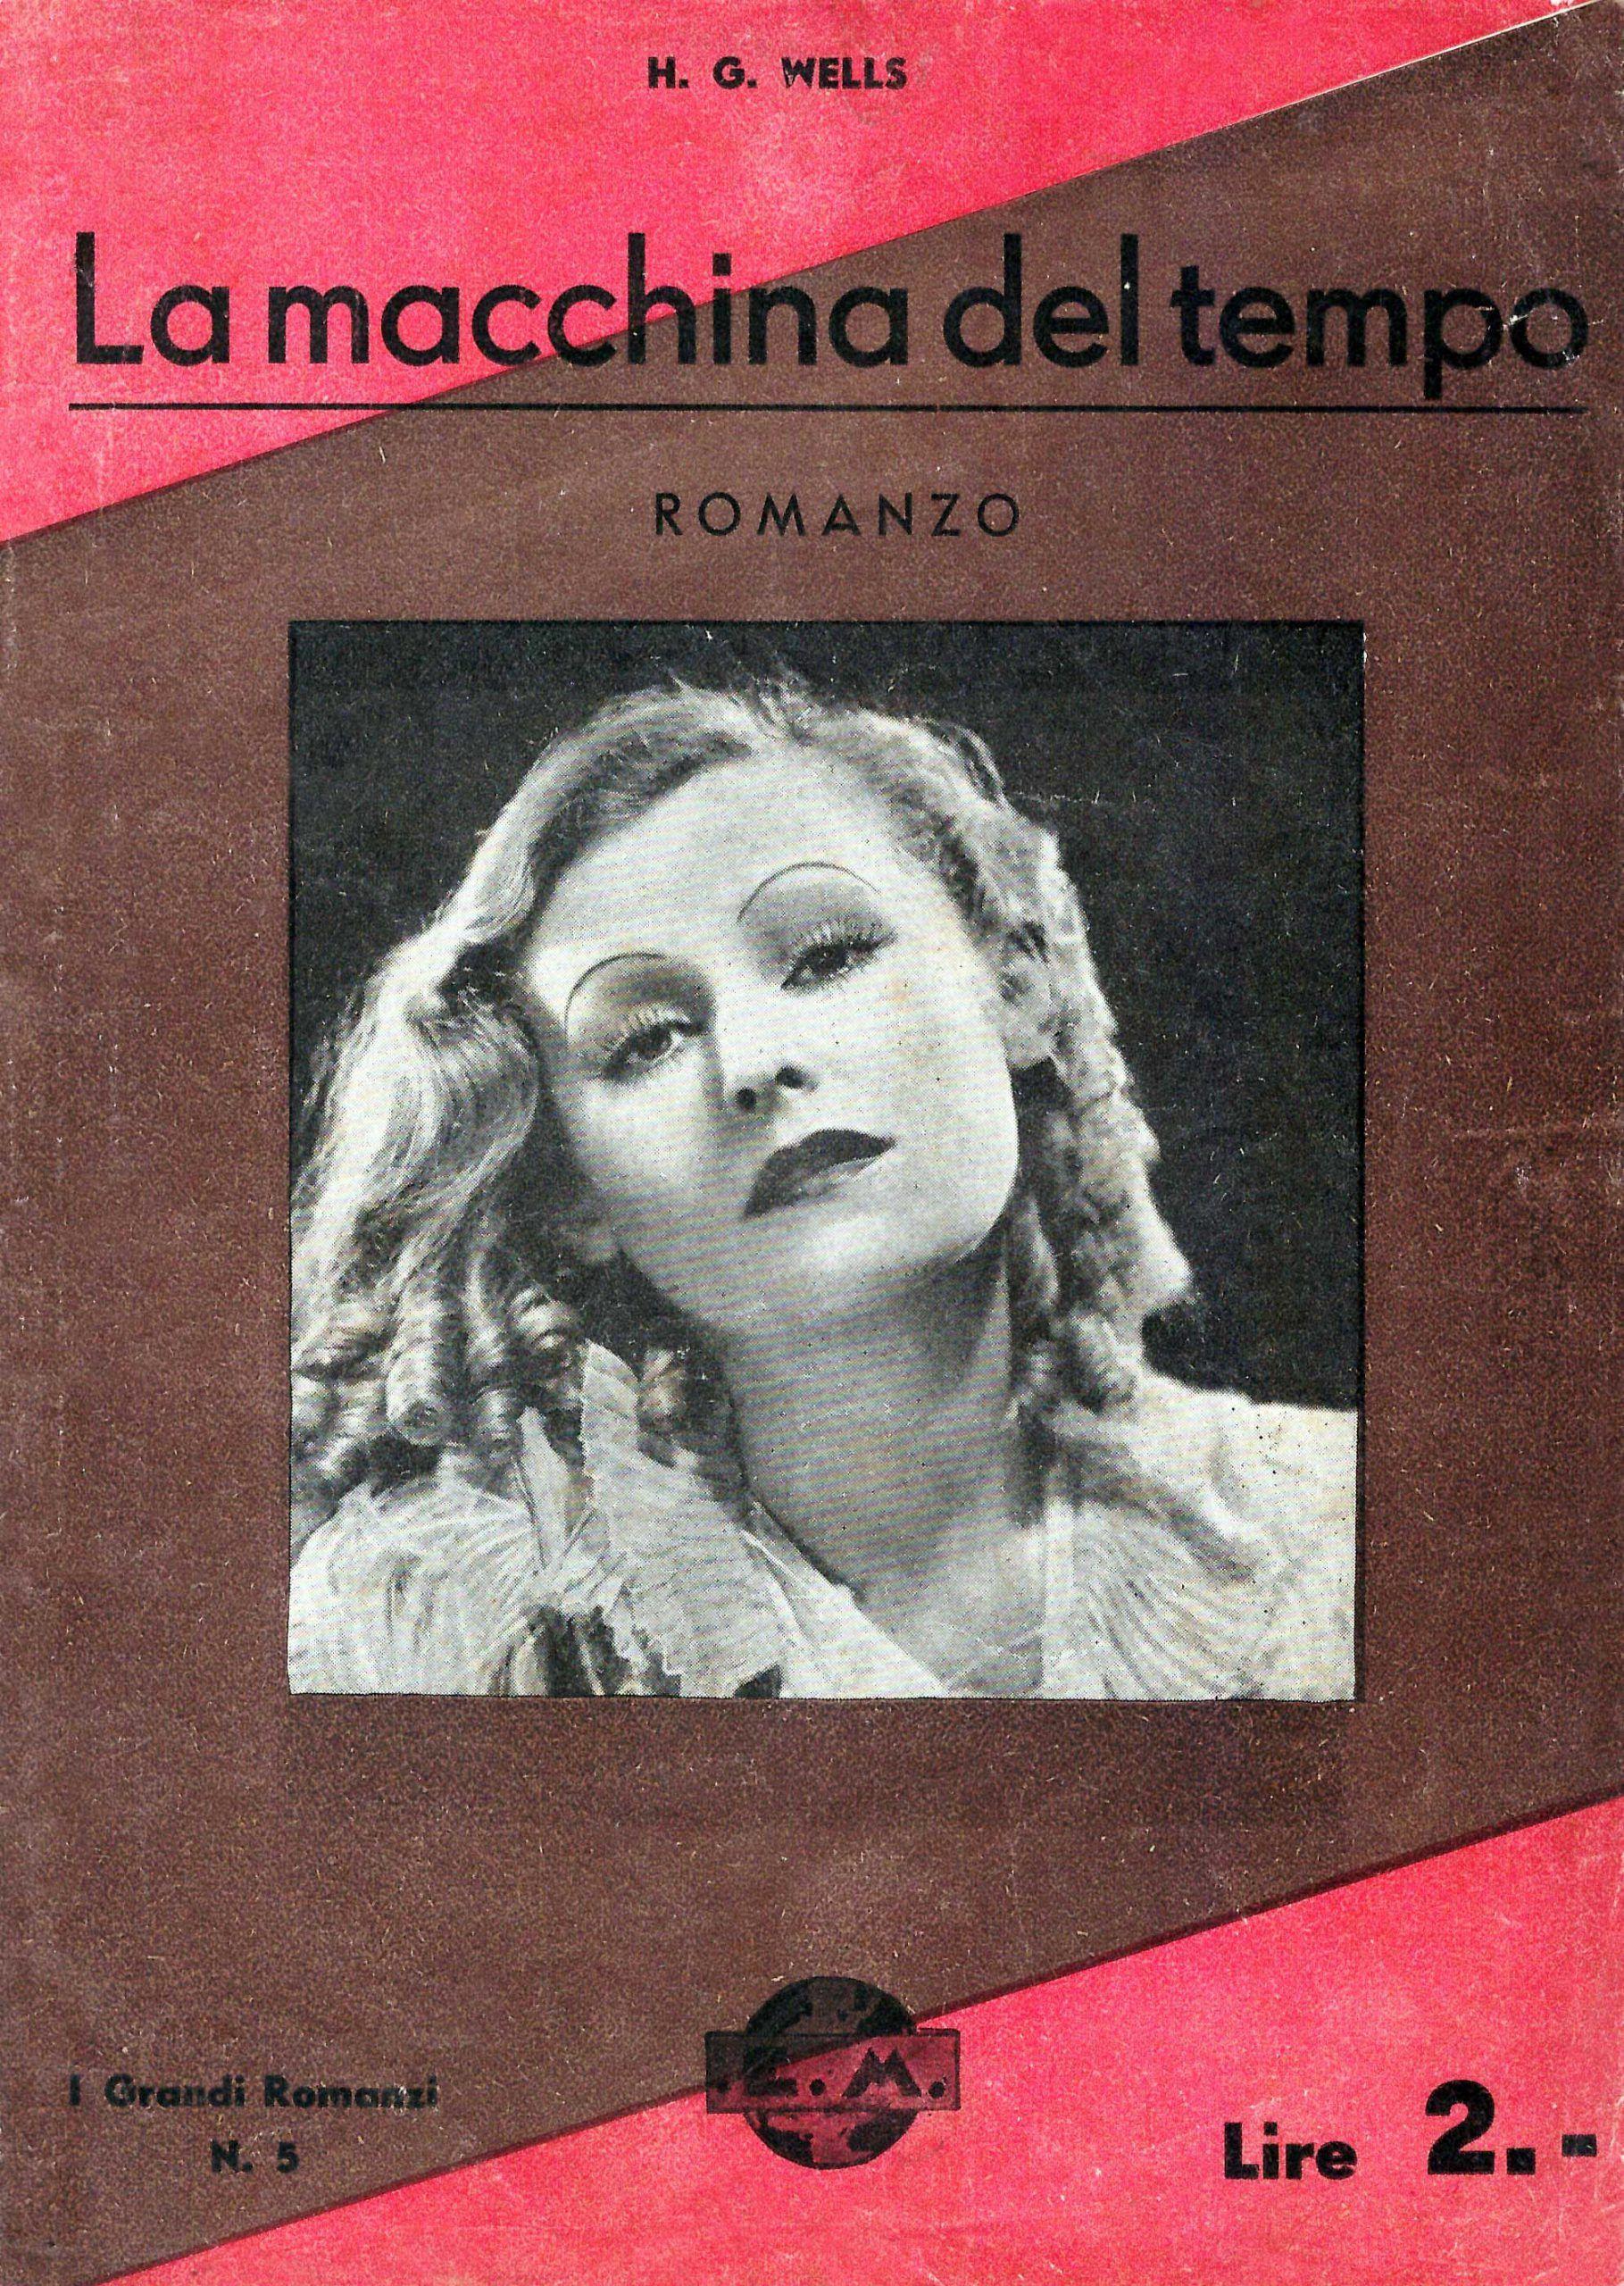 """Scoperta una nuova edizione italiana de """"La macchina del tempo"""" di H. G. Wells?"""